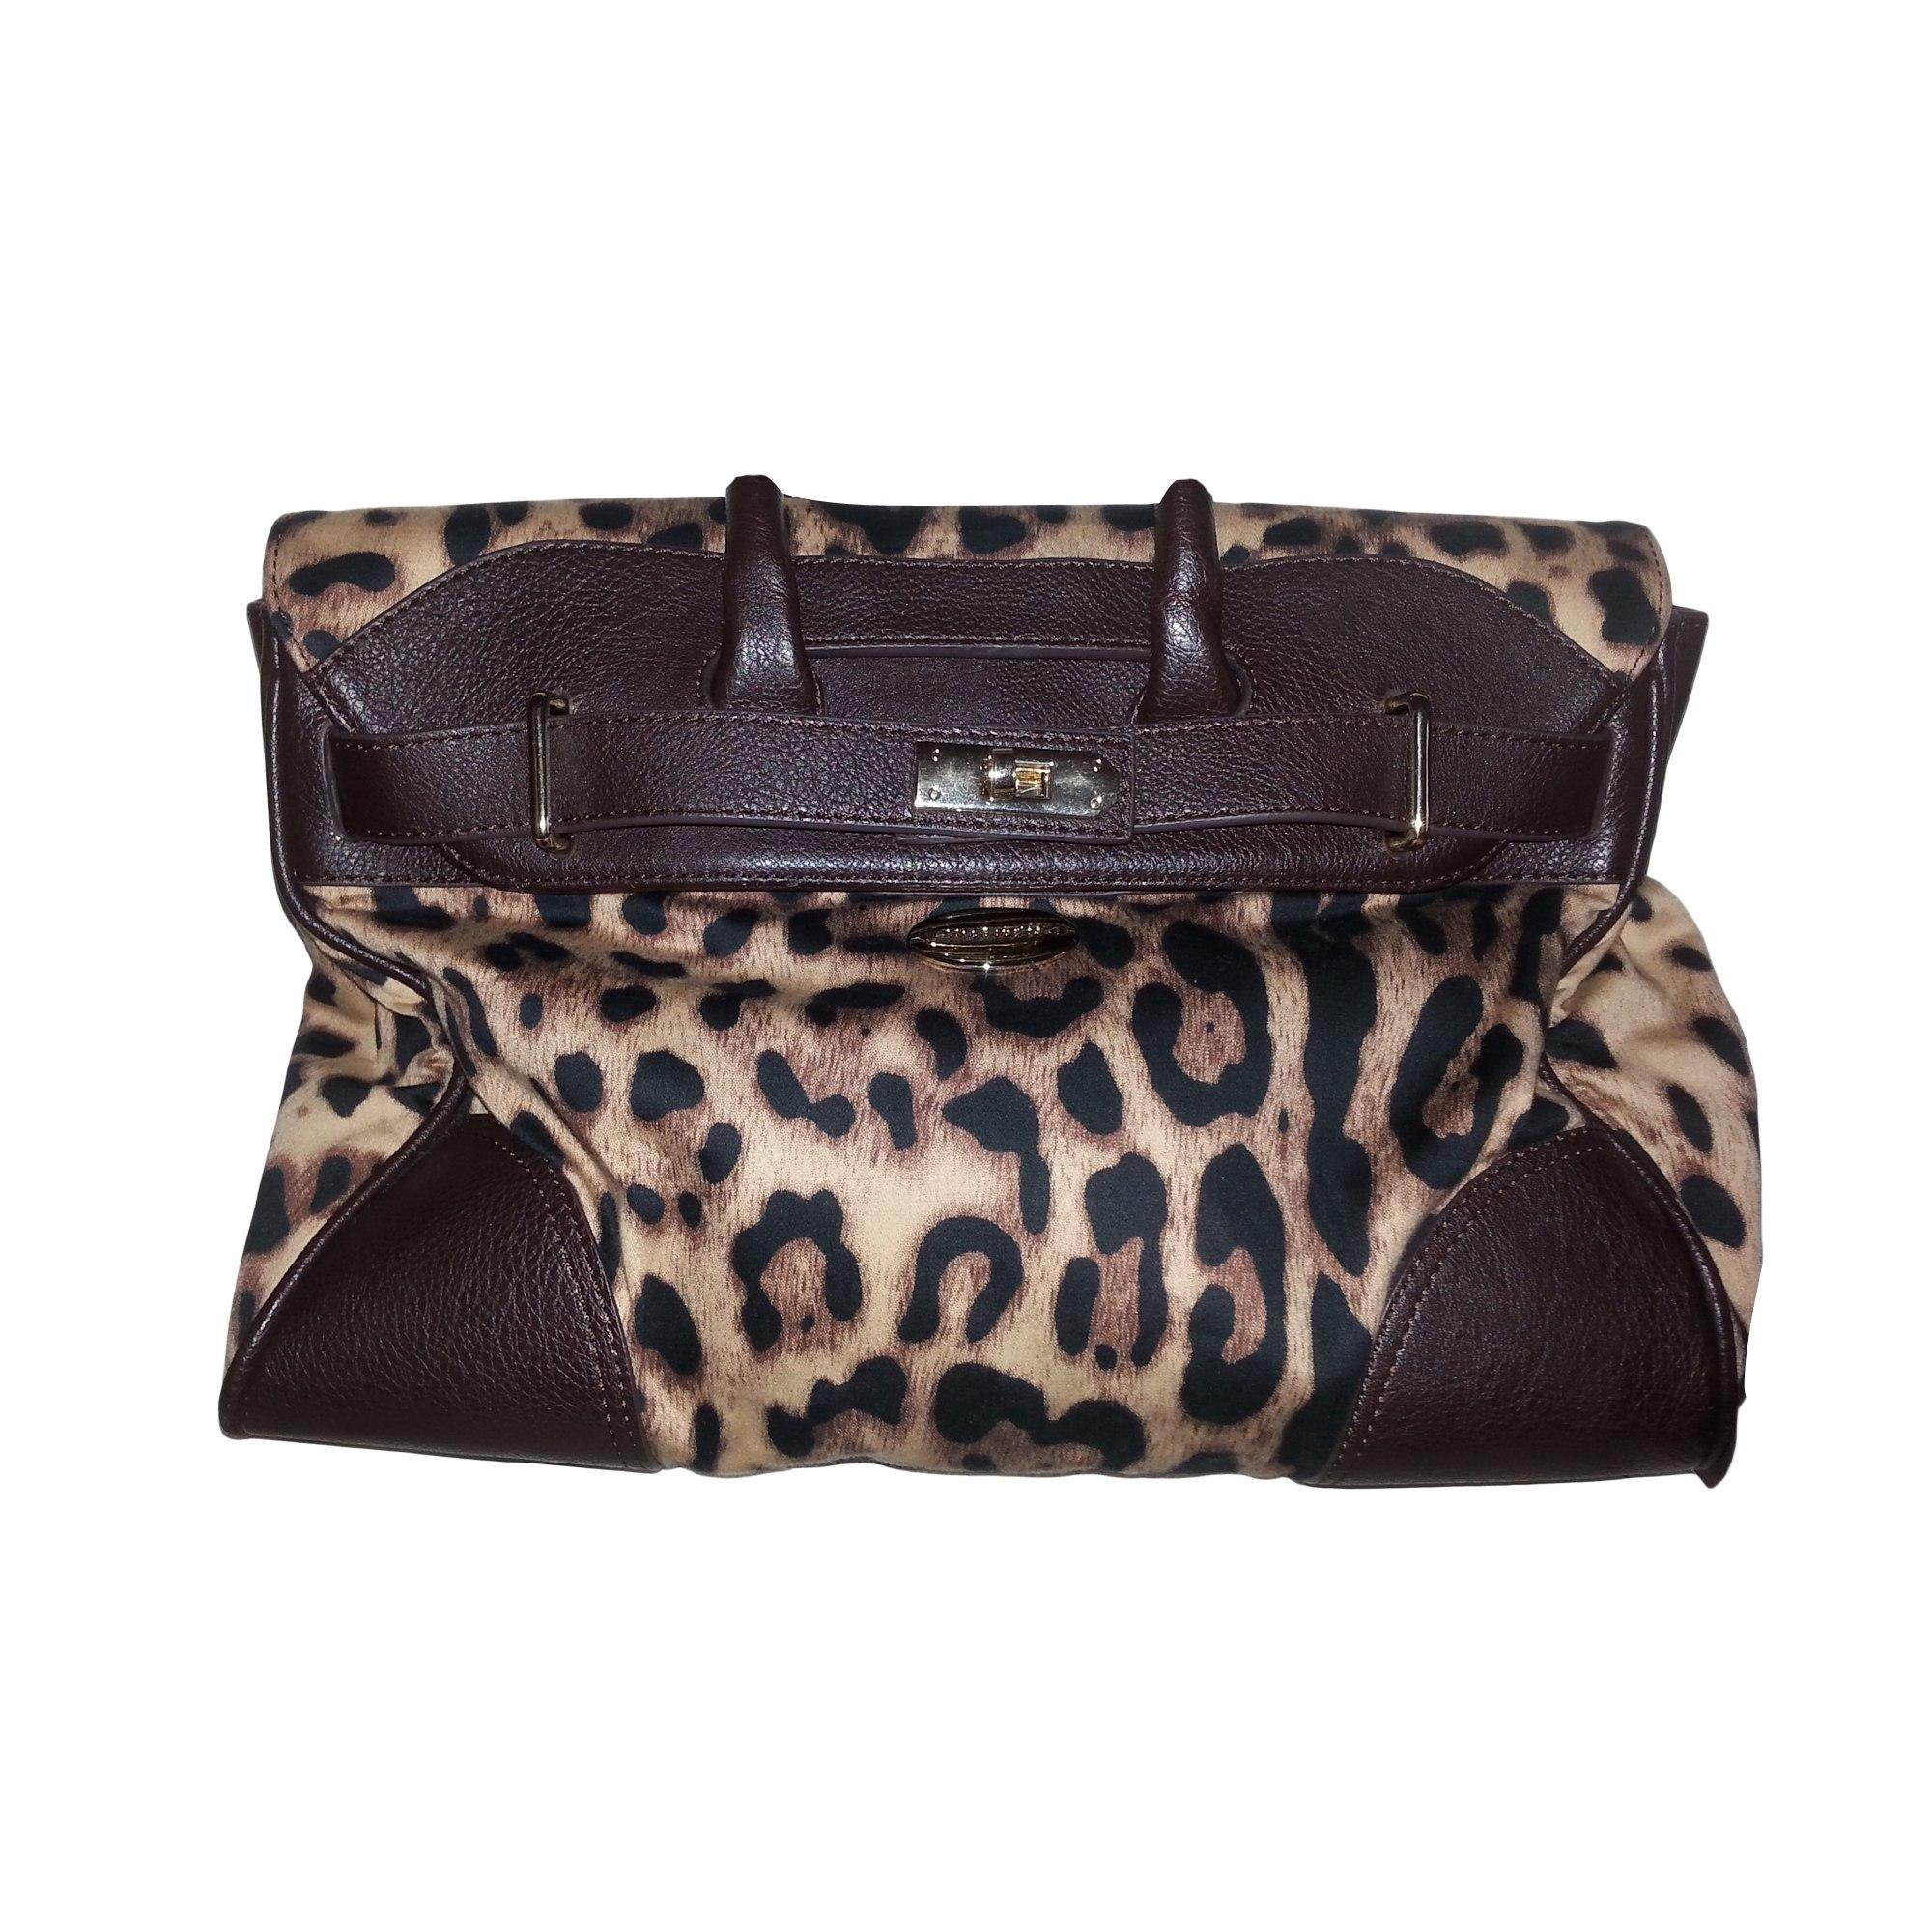 d01d9eaf910 Sac à main en cuir MAC DOUGLAS marron et leopard vendu par Gauthiere ...